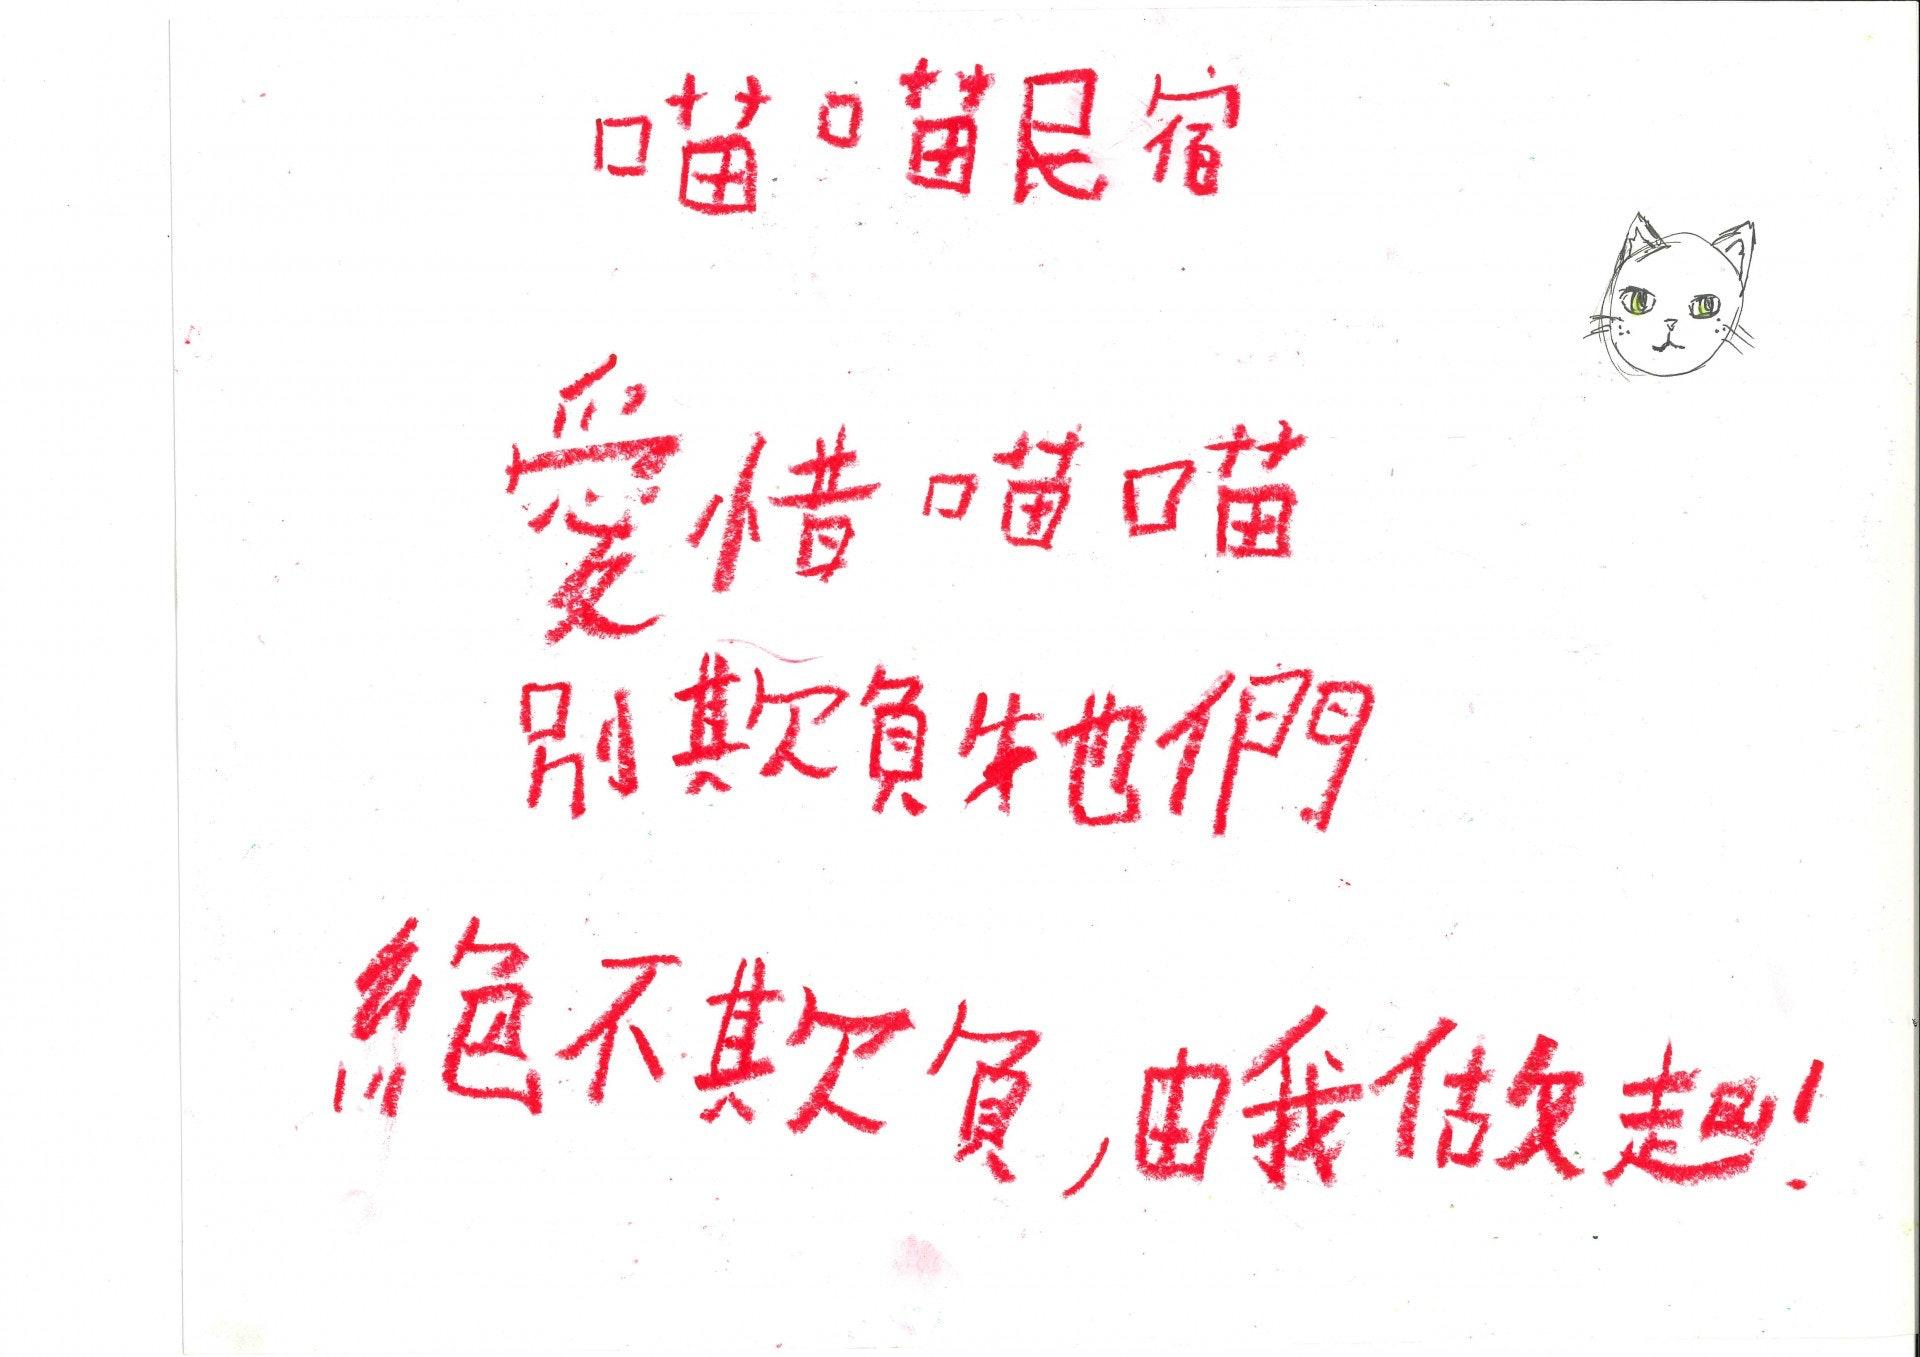 小朋友為他們的'喵喵民宿'這項目設計了海報, 標誌 及標語。(德萃小學圖片)